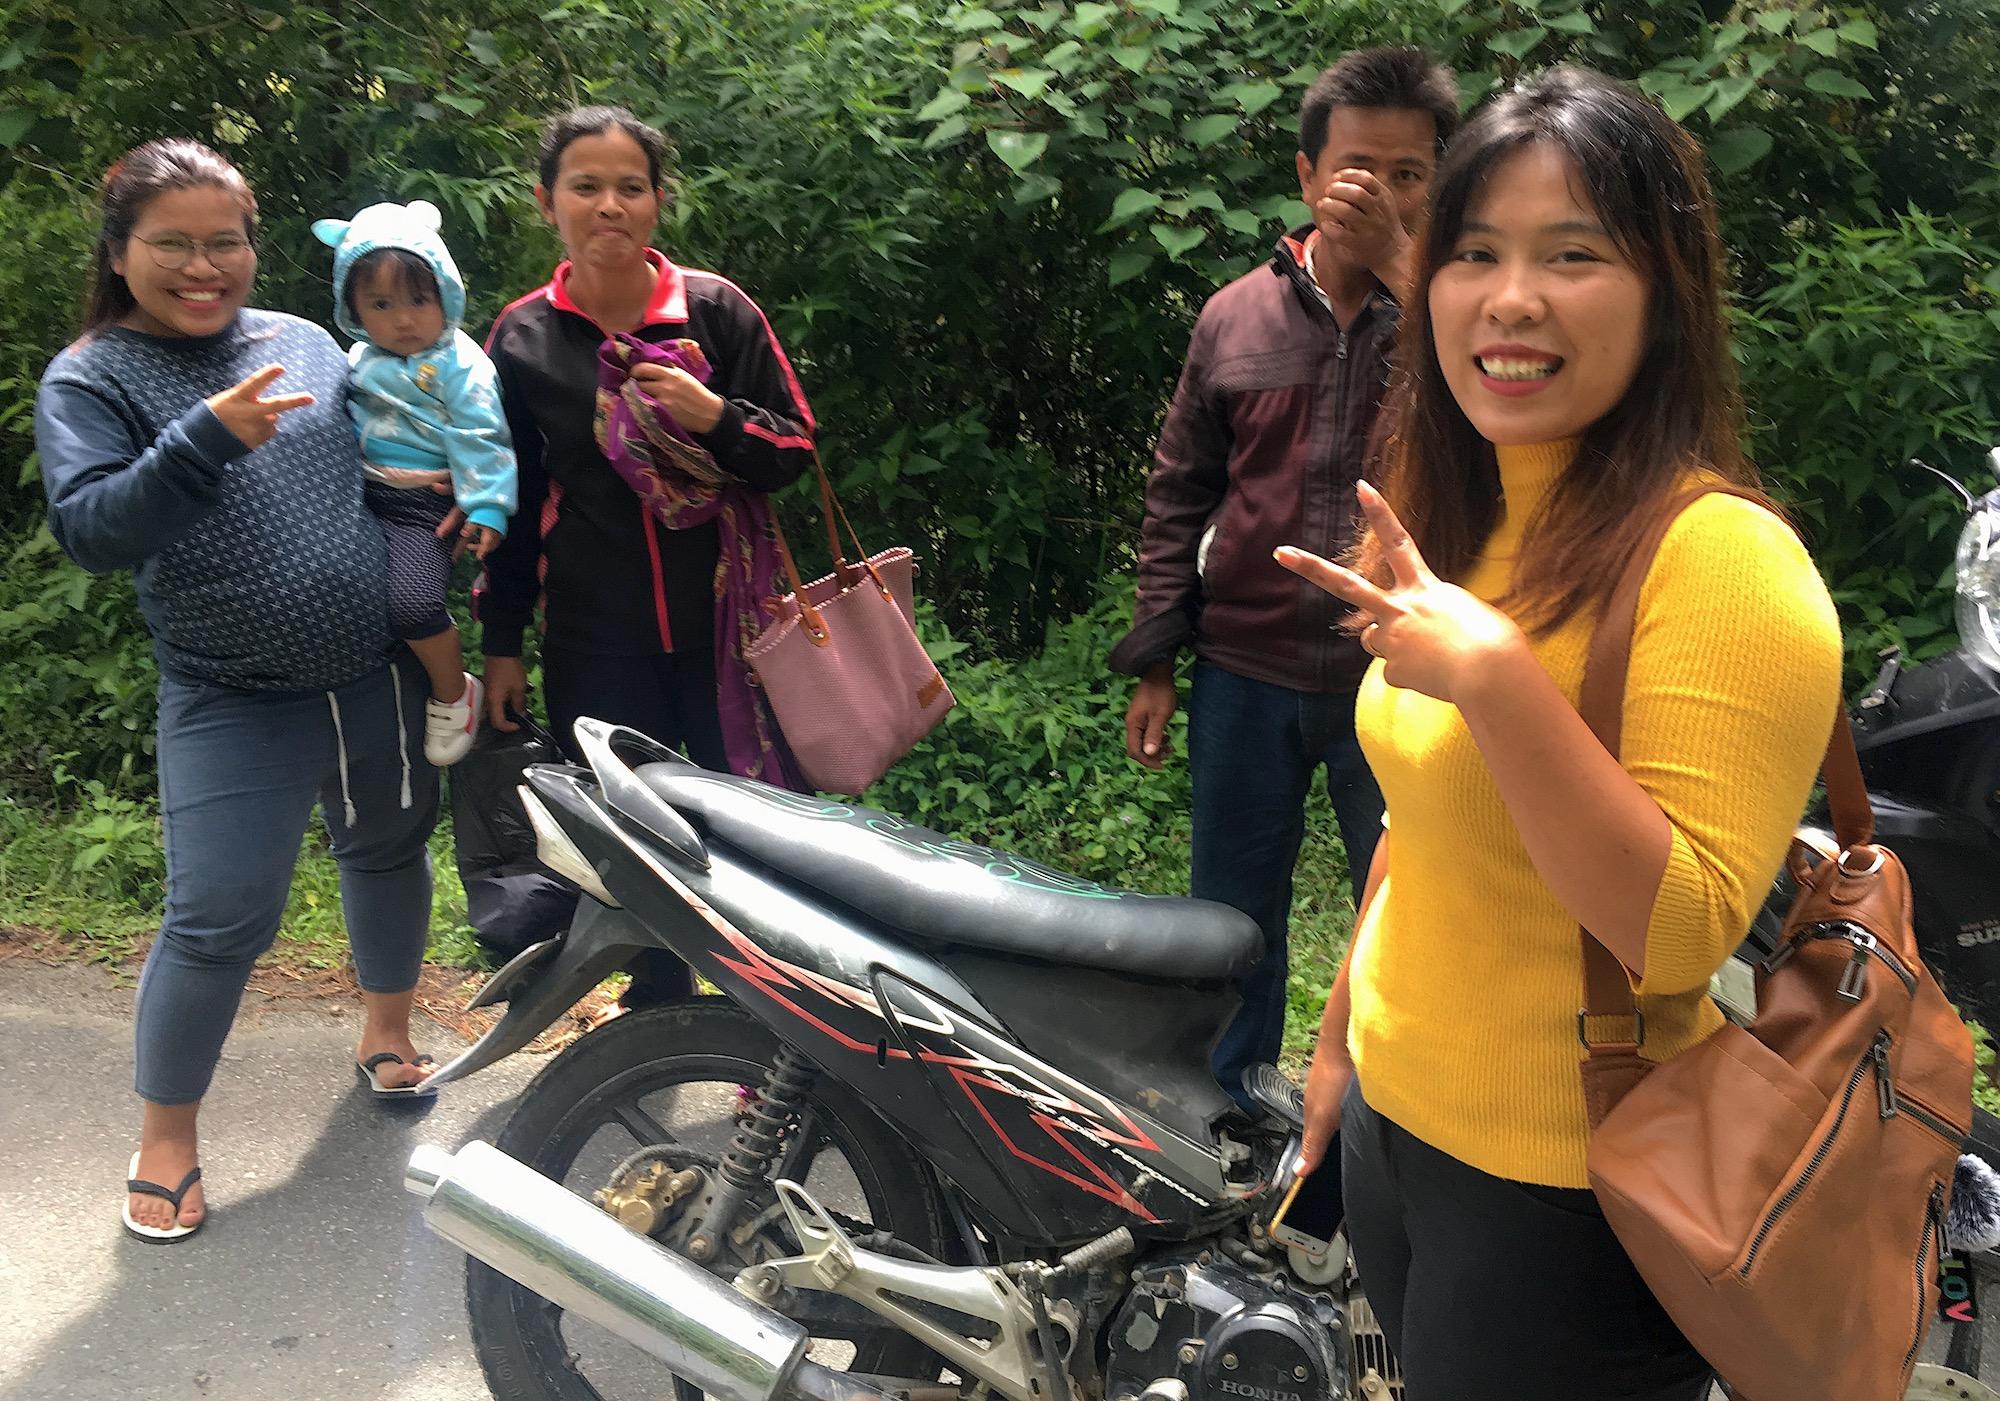 苏门答腊人#2:桑提(她的围巾被摩托车链轮夹住了)–罗夫-波茨